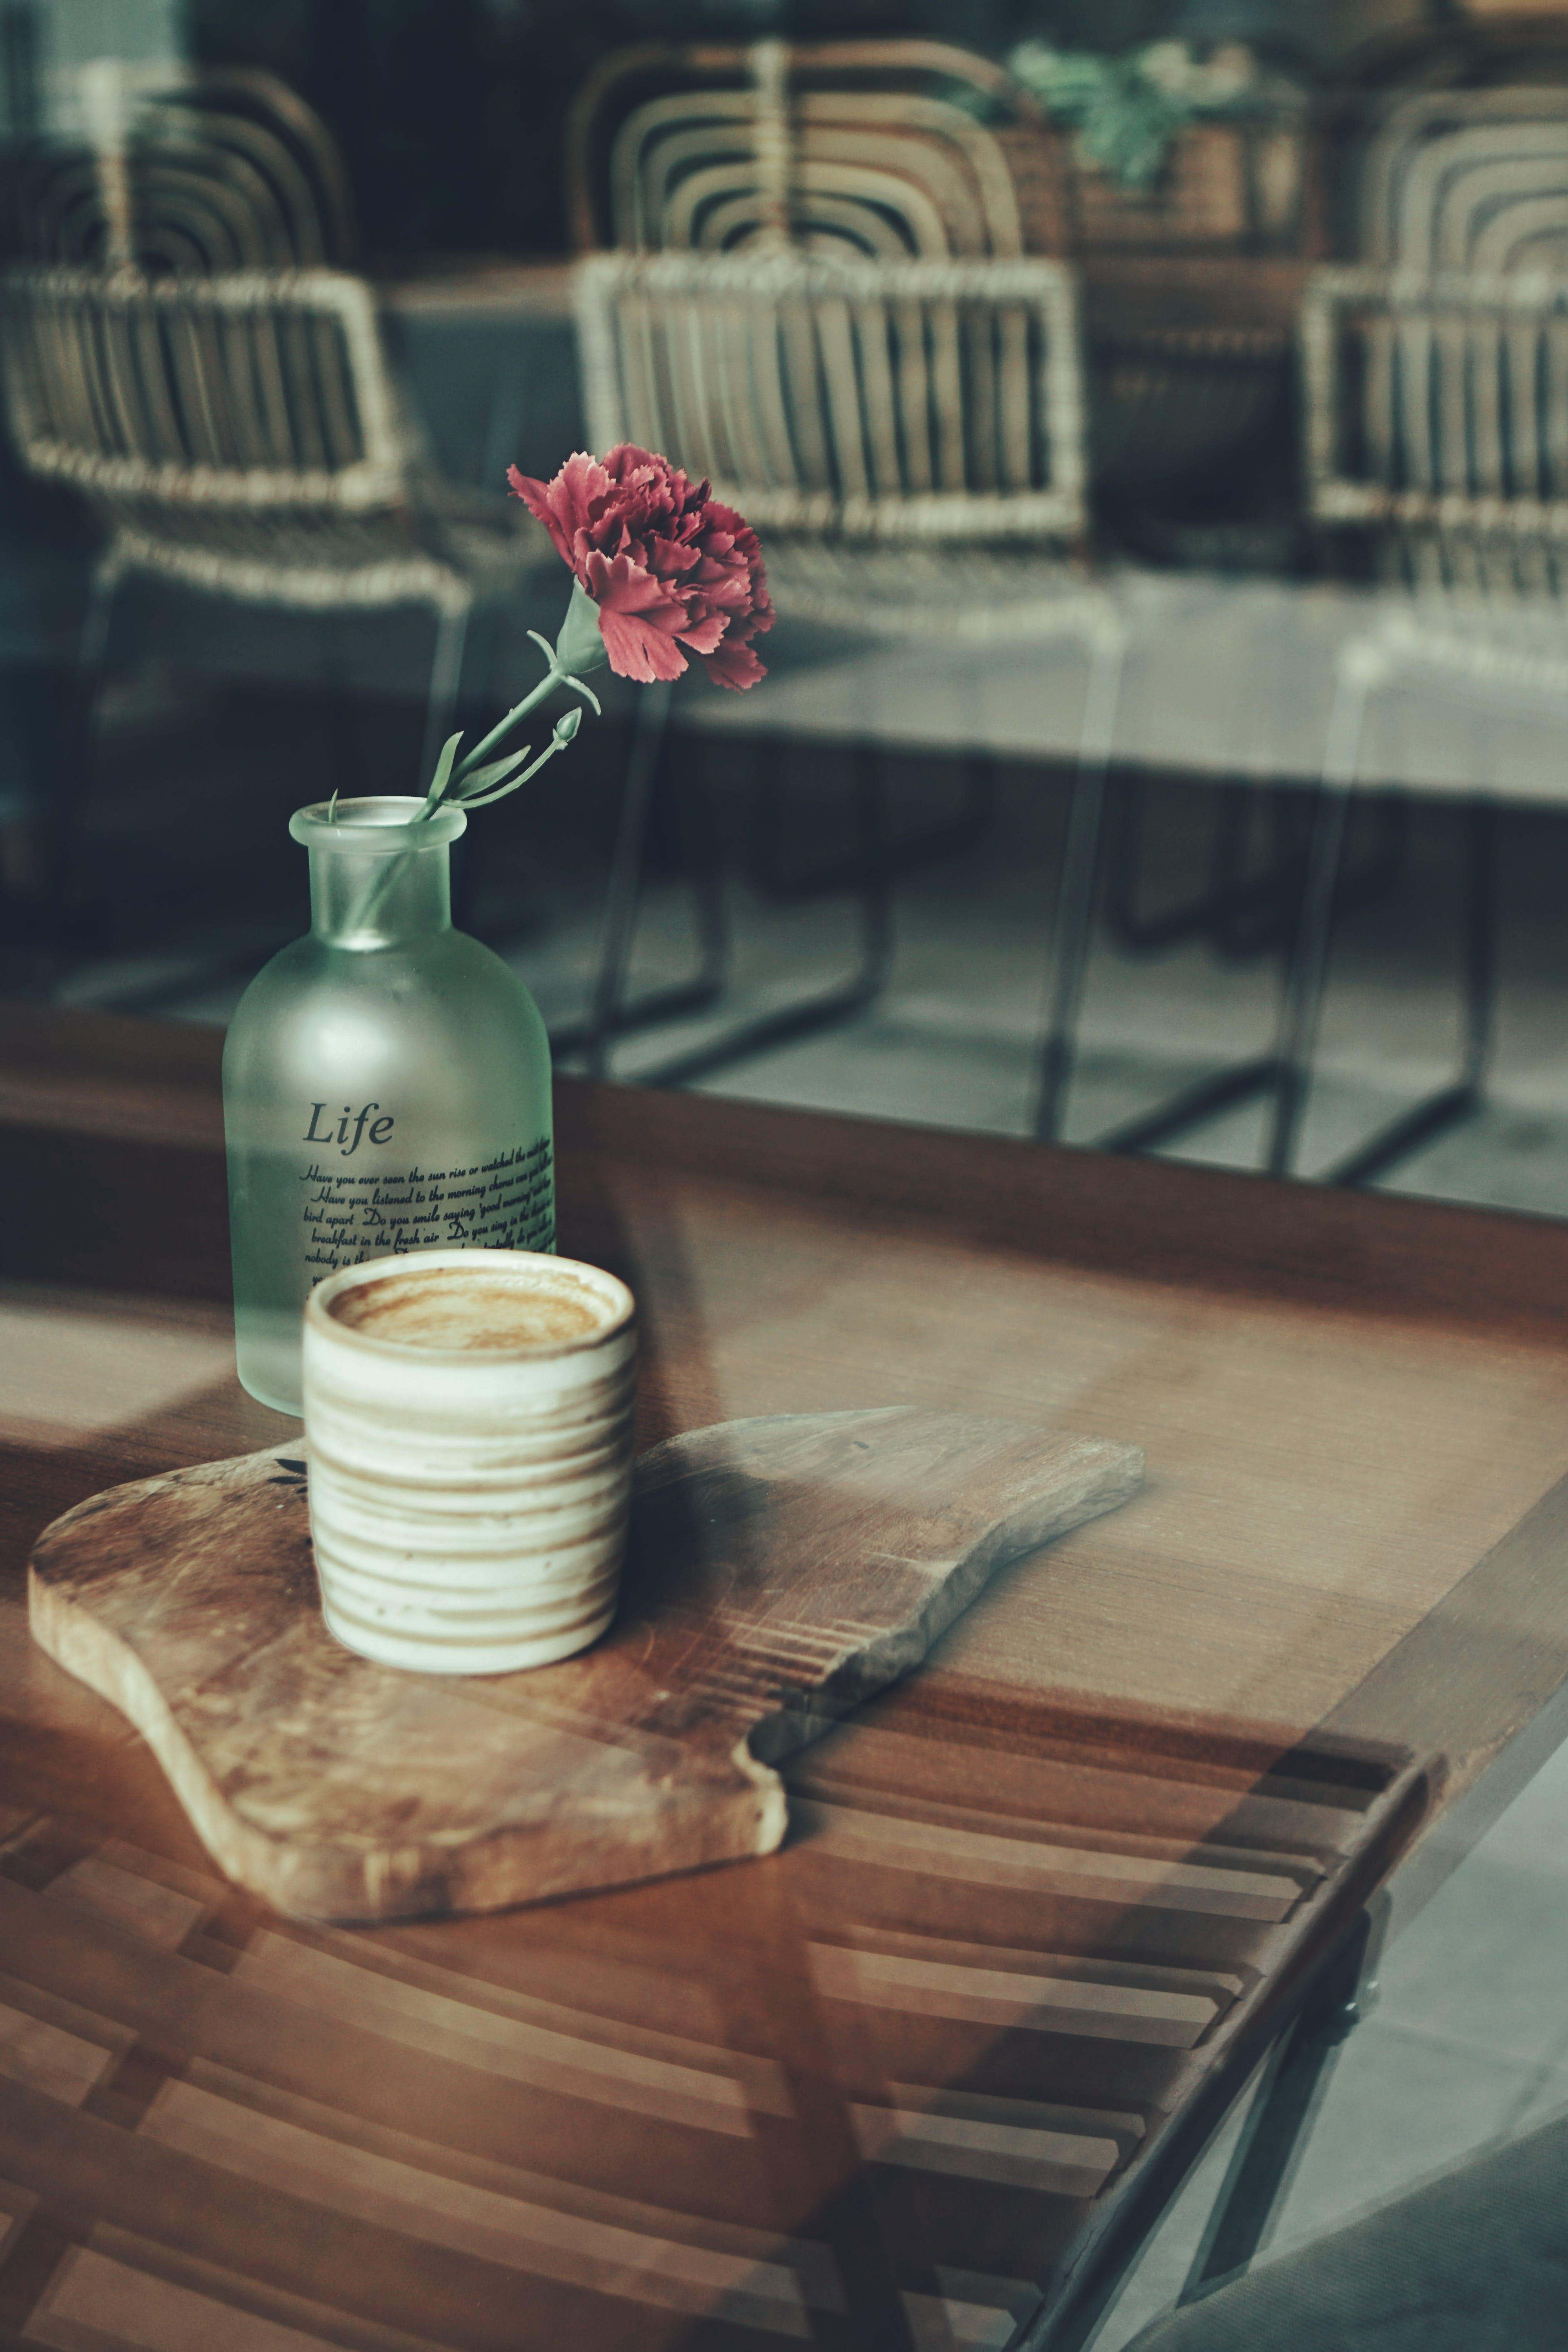 Foto profissional grátis de bebida, borrão, cadeiras, café